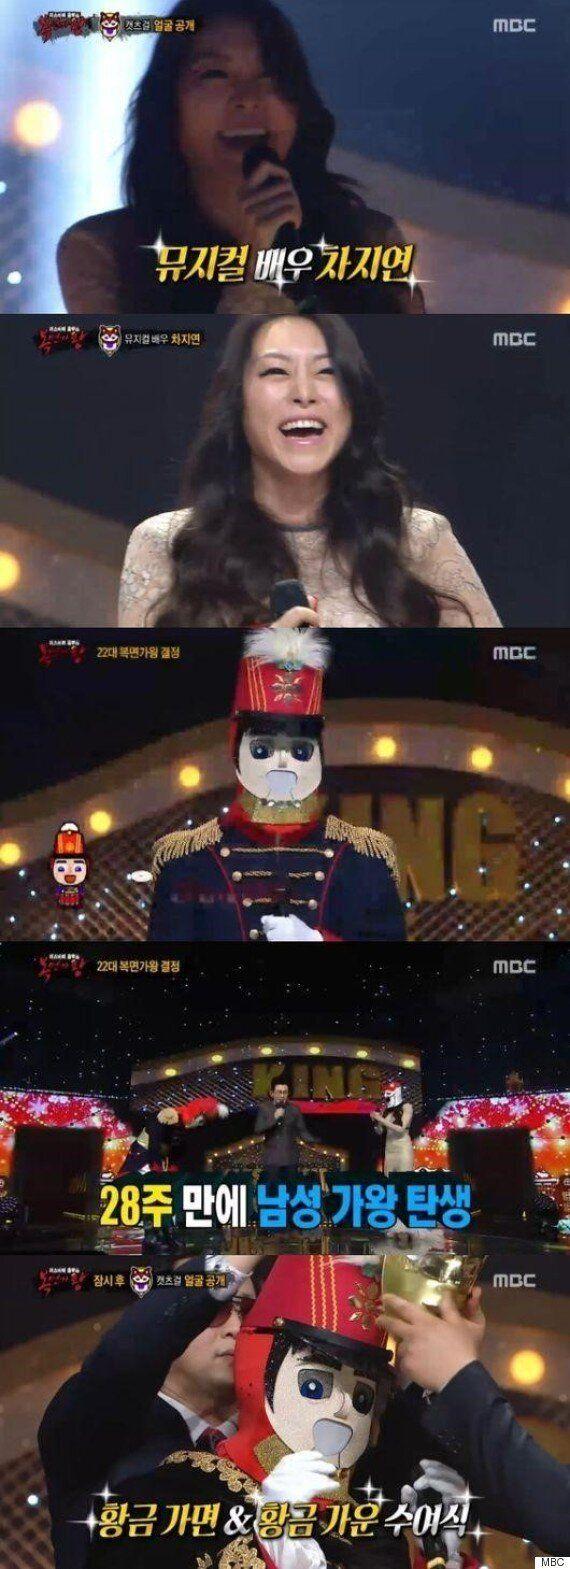 '복면가왕' 음악대장, 28주만 男가왕..캣츠걸 차지연 이겼다